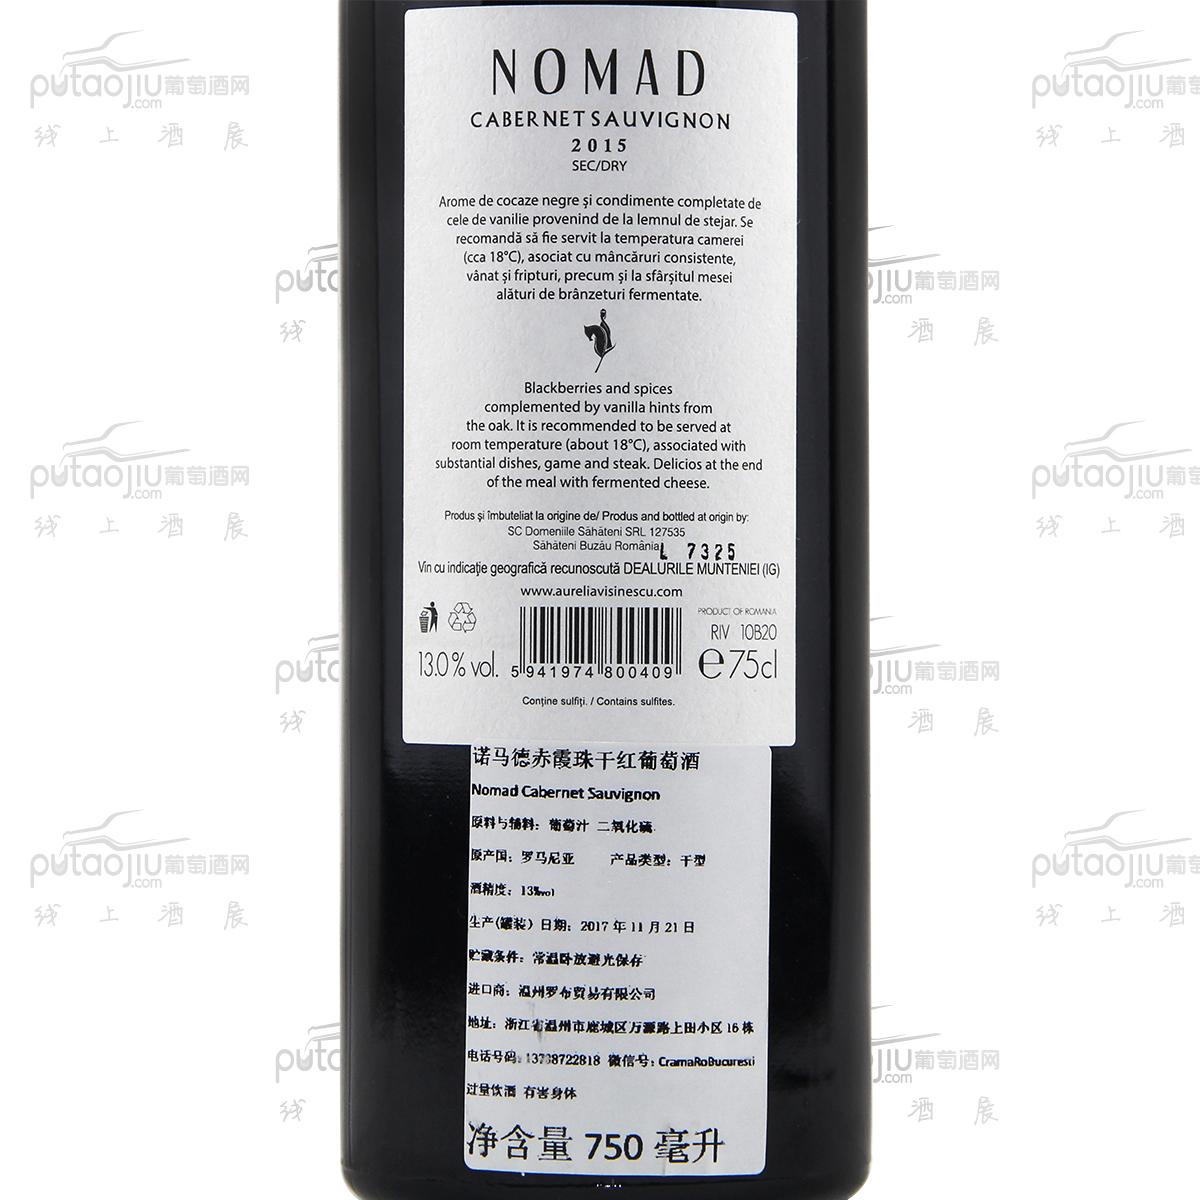 诺玛德赤霞珠干红葡萄酒